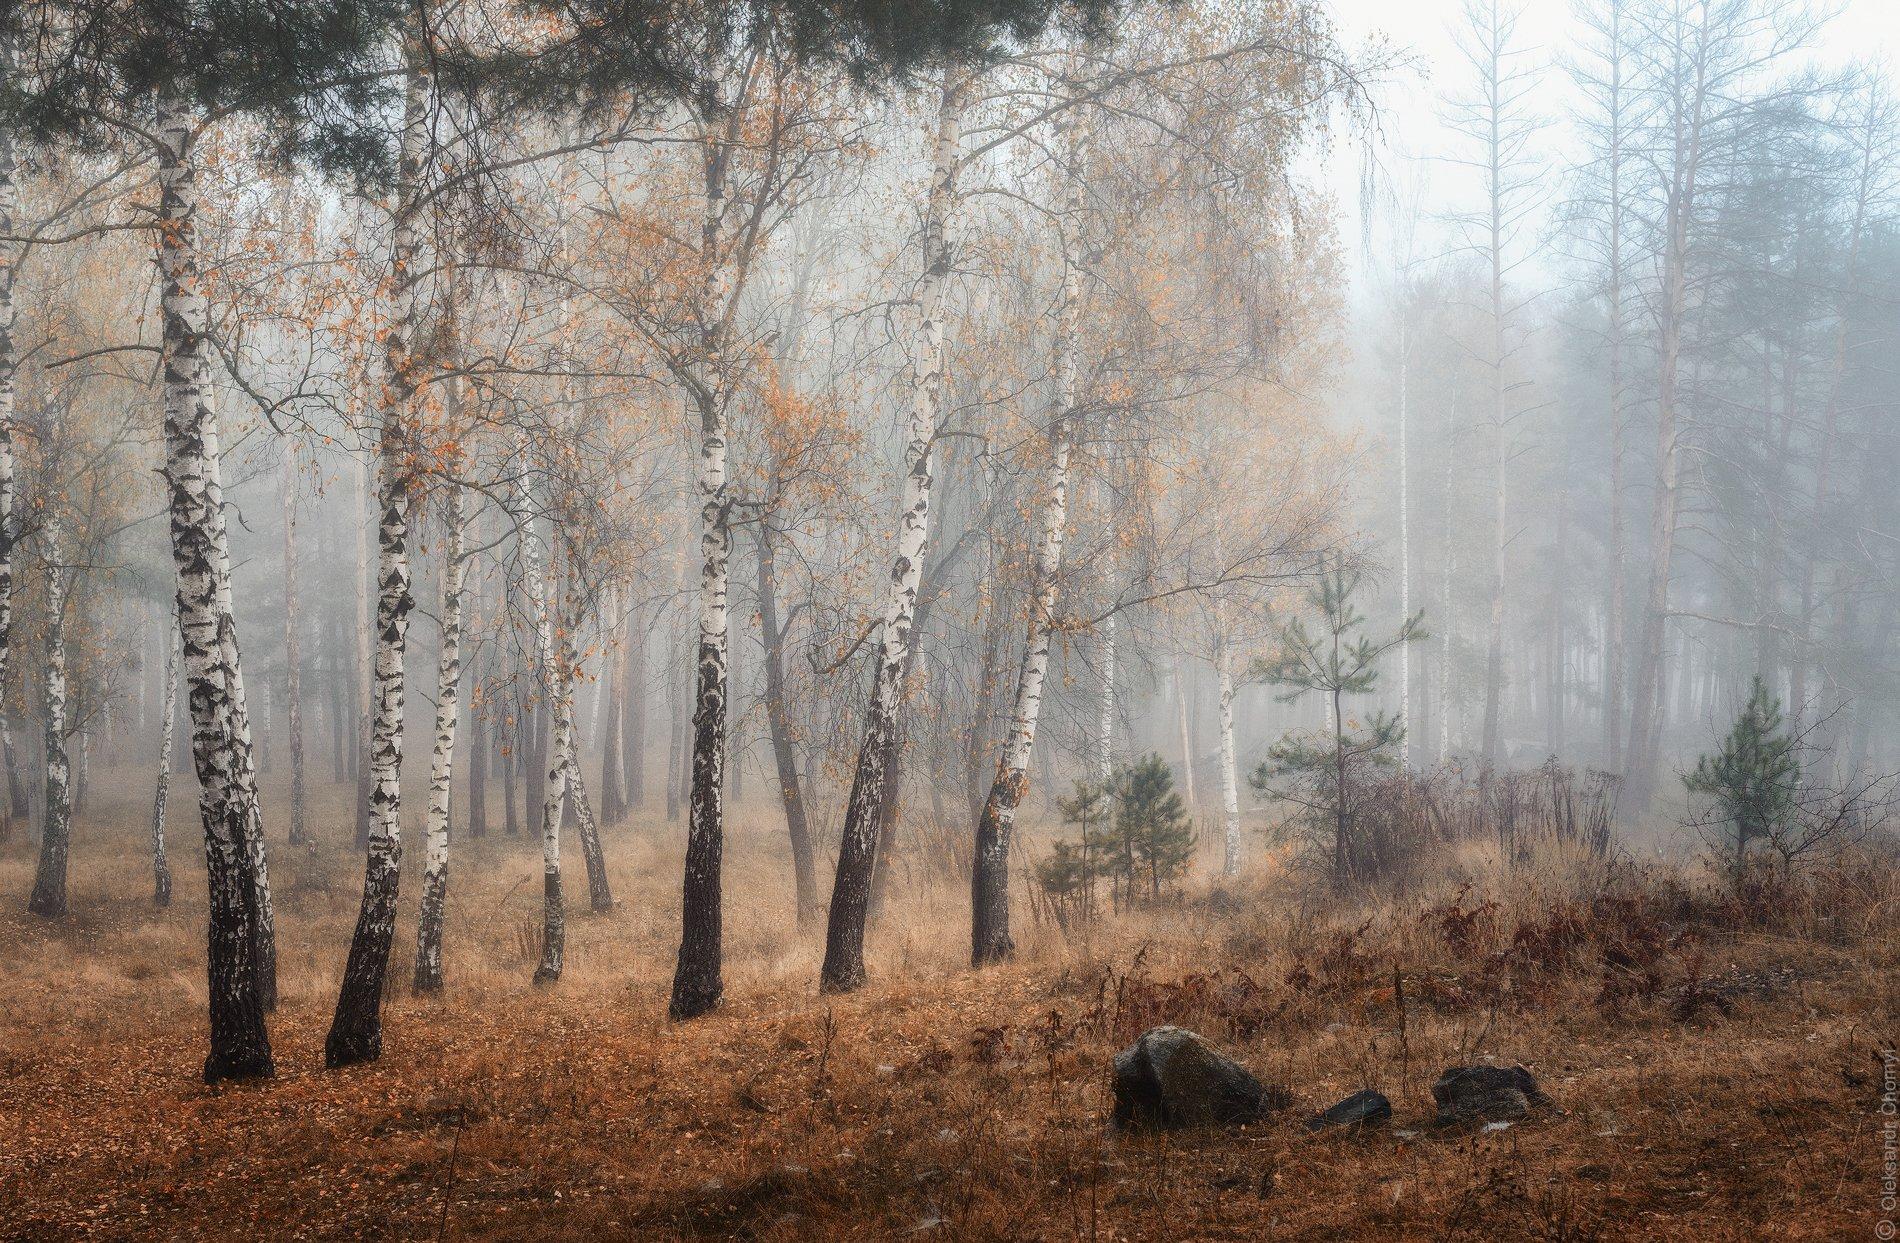 украина, коростышев, осень, утро, туман, волшебство, нежность, мягкость, октябрь, мелодия, природа, жизненность, березки, поэзия, чувства, прозрачность, жизнь, фотограф, чорный,, Александр Чорный